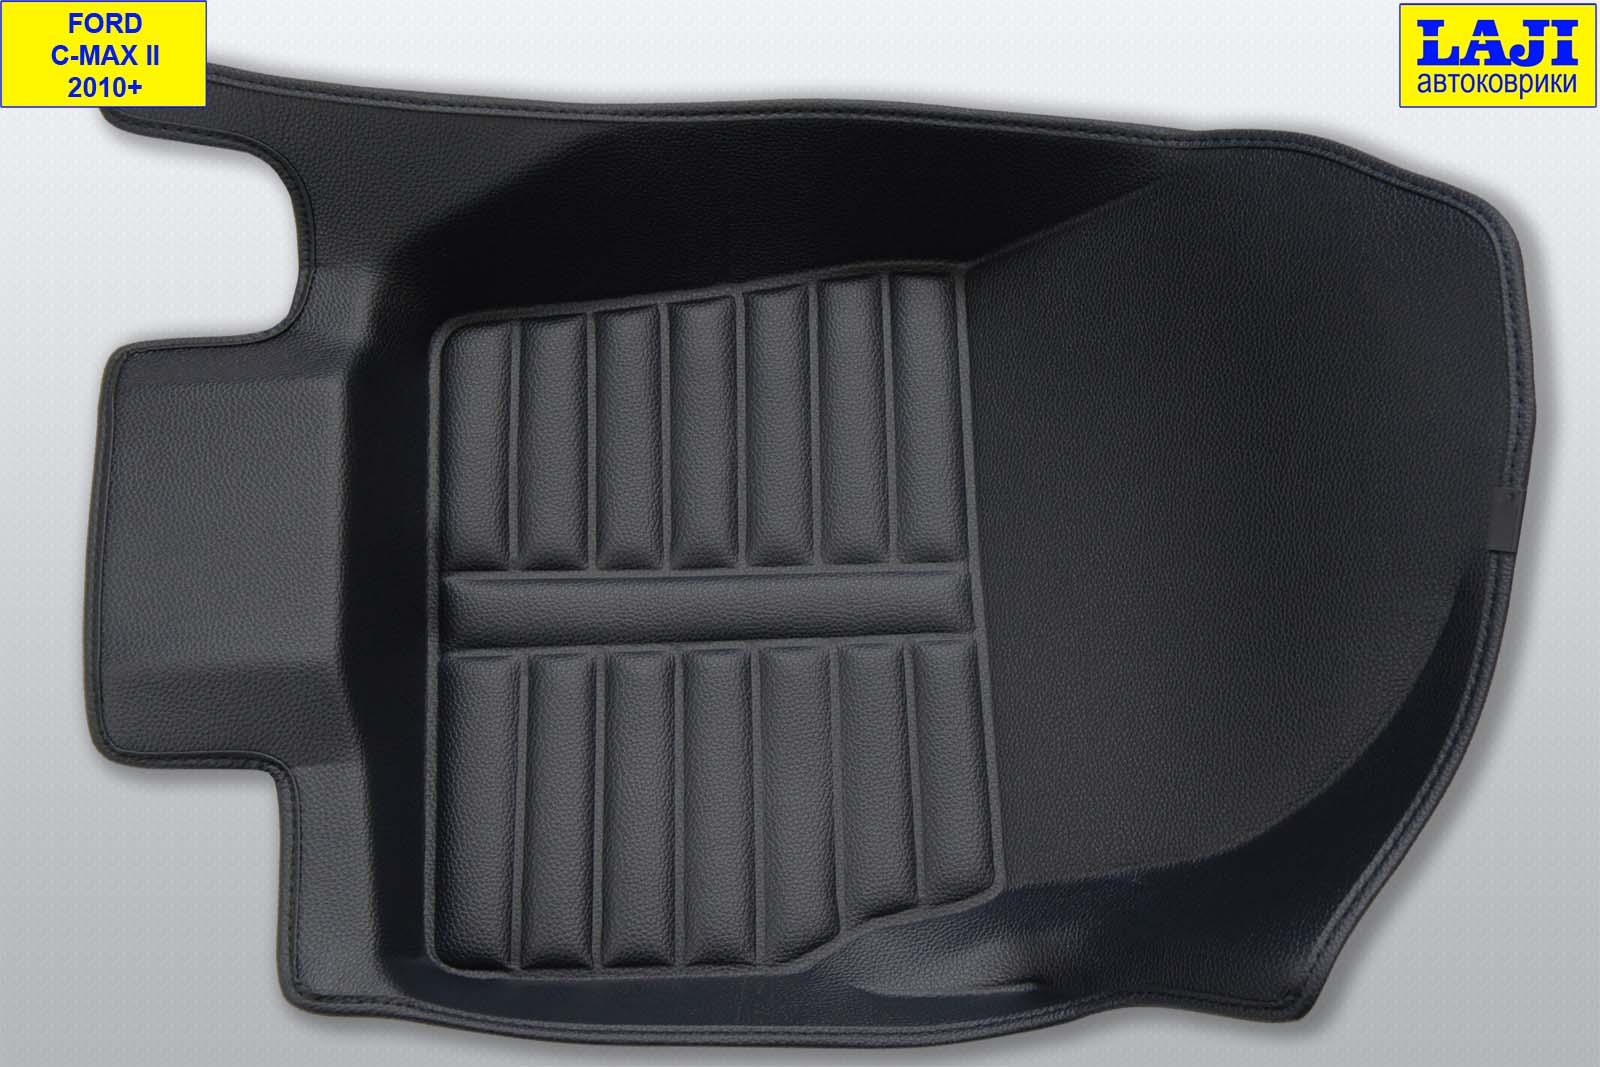 5D коврики в салон Ford C-Max 2010-н.в. 4